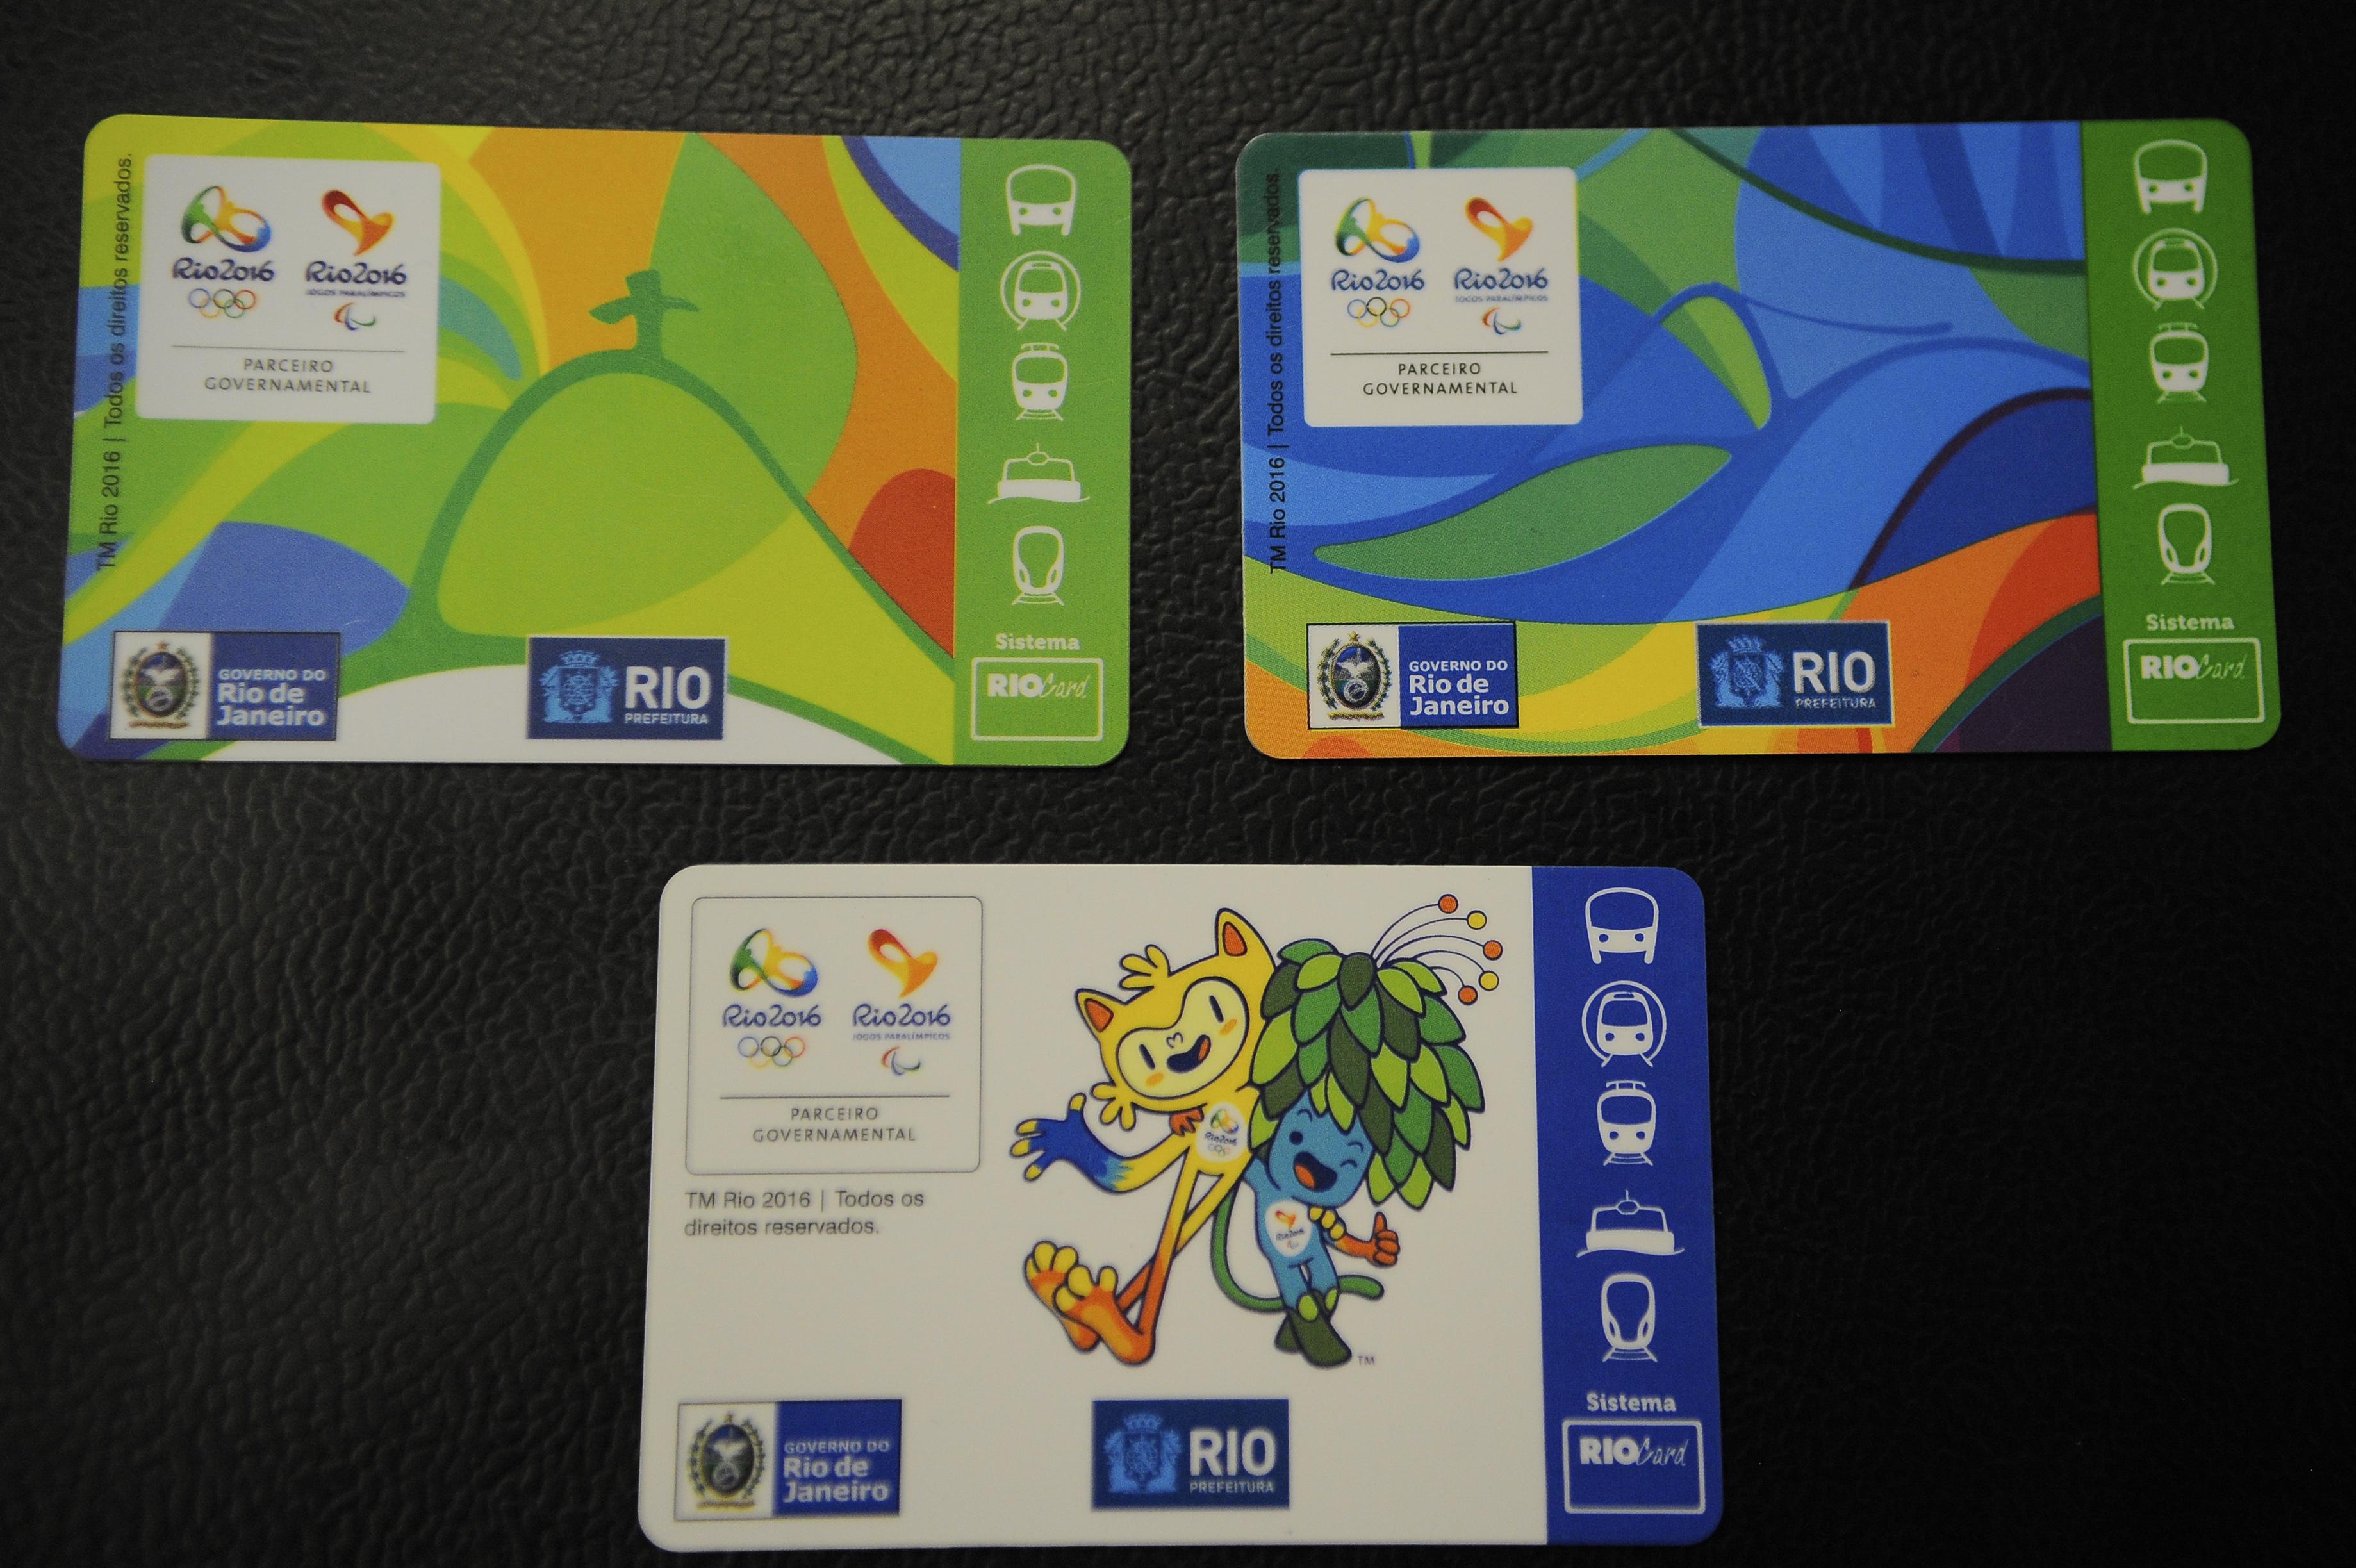 11bd1e26817b5 Rio de Janeiro - Prefeitura do Rio apresenta o cartão RioCard Jogos Rio  2016 que permitirá